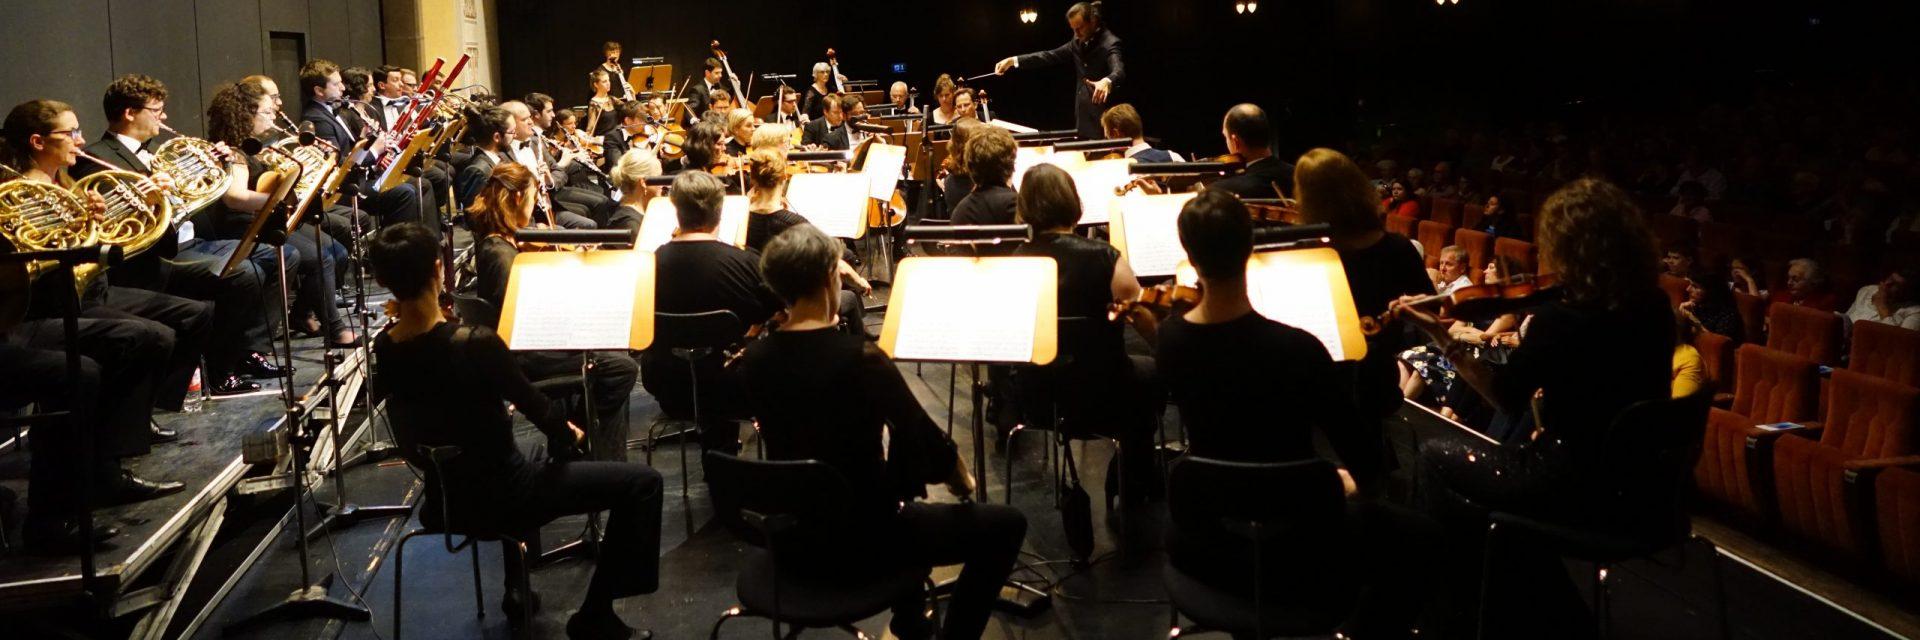 Kur-Sinfonieorchester Bad Nauheim